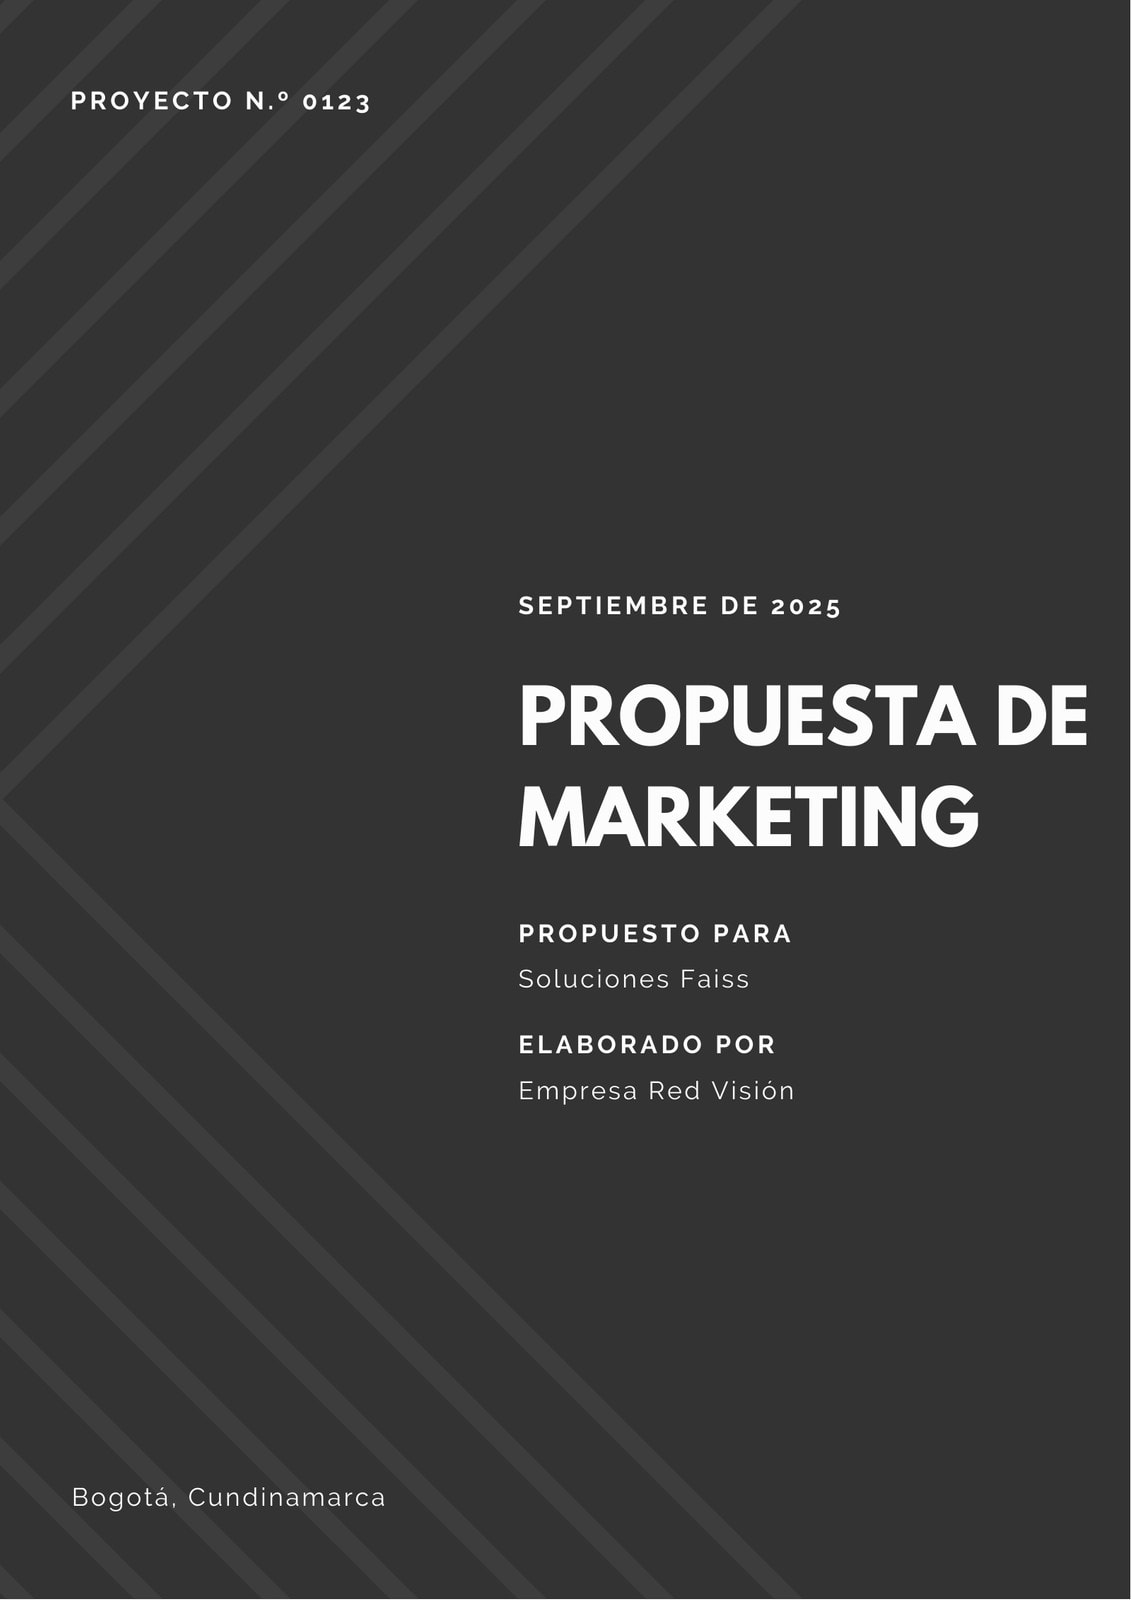 Negro y Blanco Líneas Diagonales Propuesta de Marketing